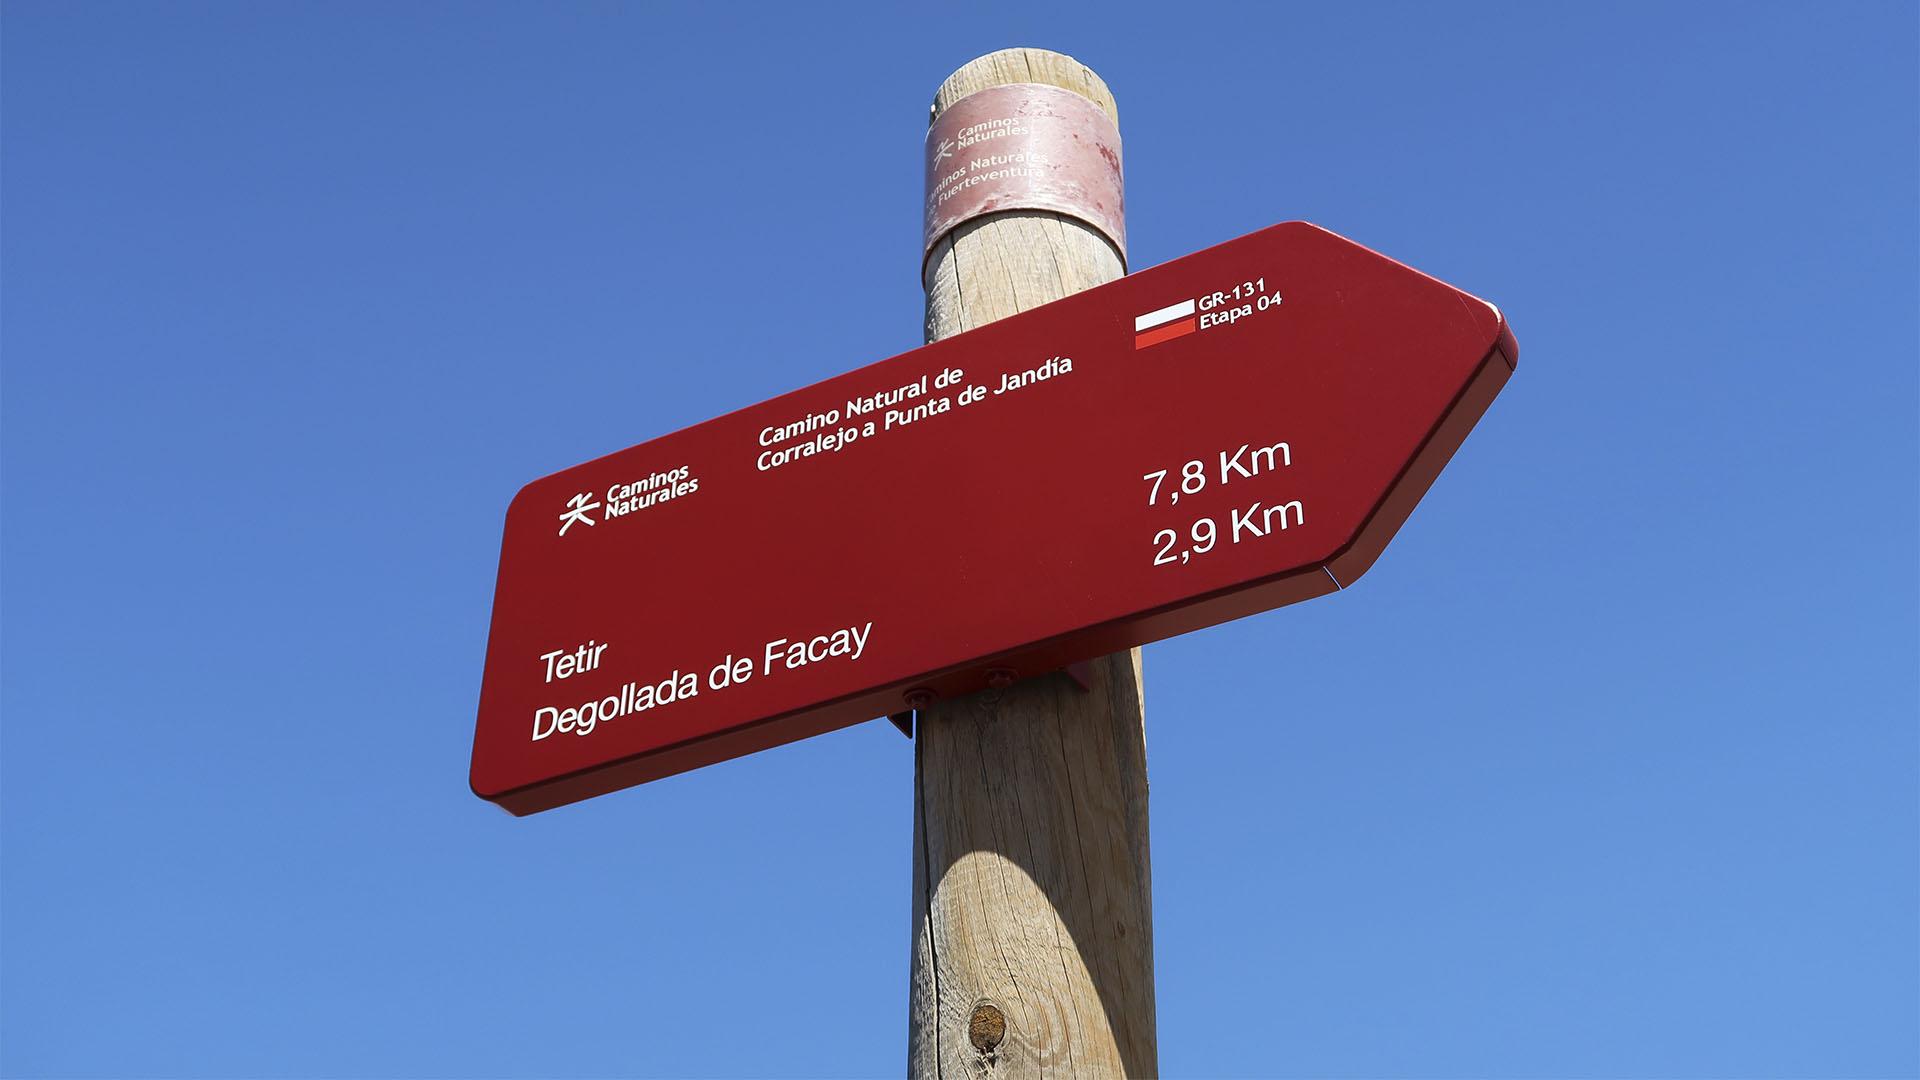 Die Wanderwegweiser auf Fuerteventura –knallrot und gut sichtbar so vorhanden.